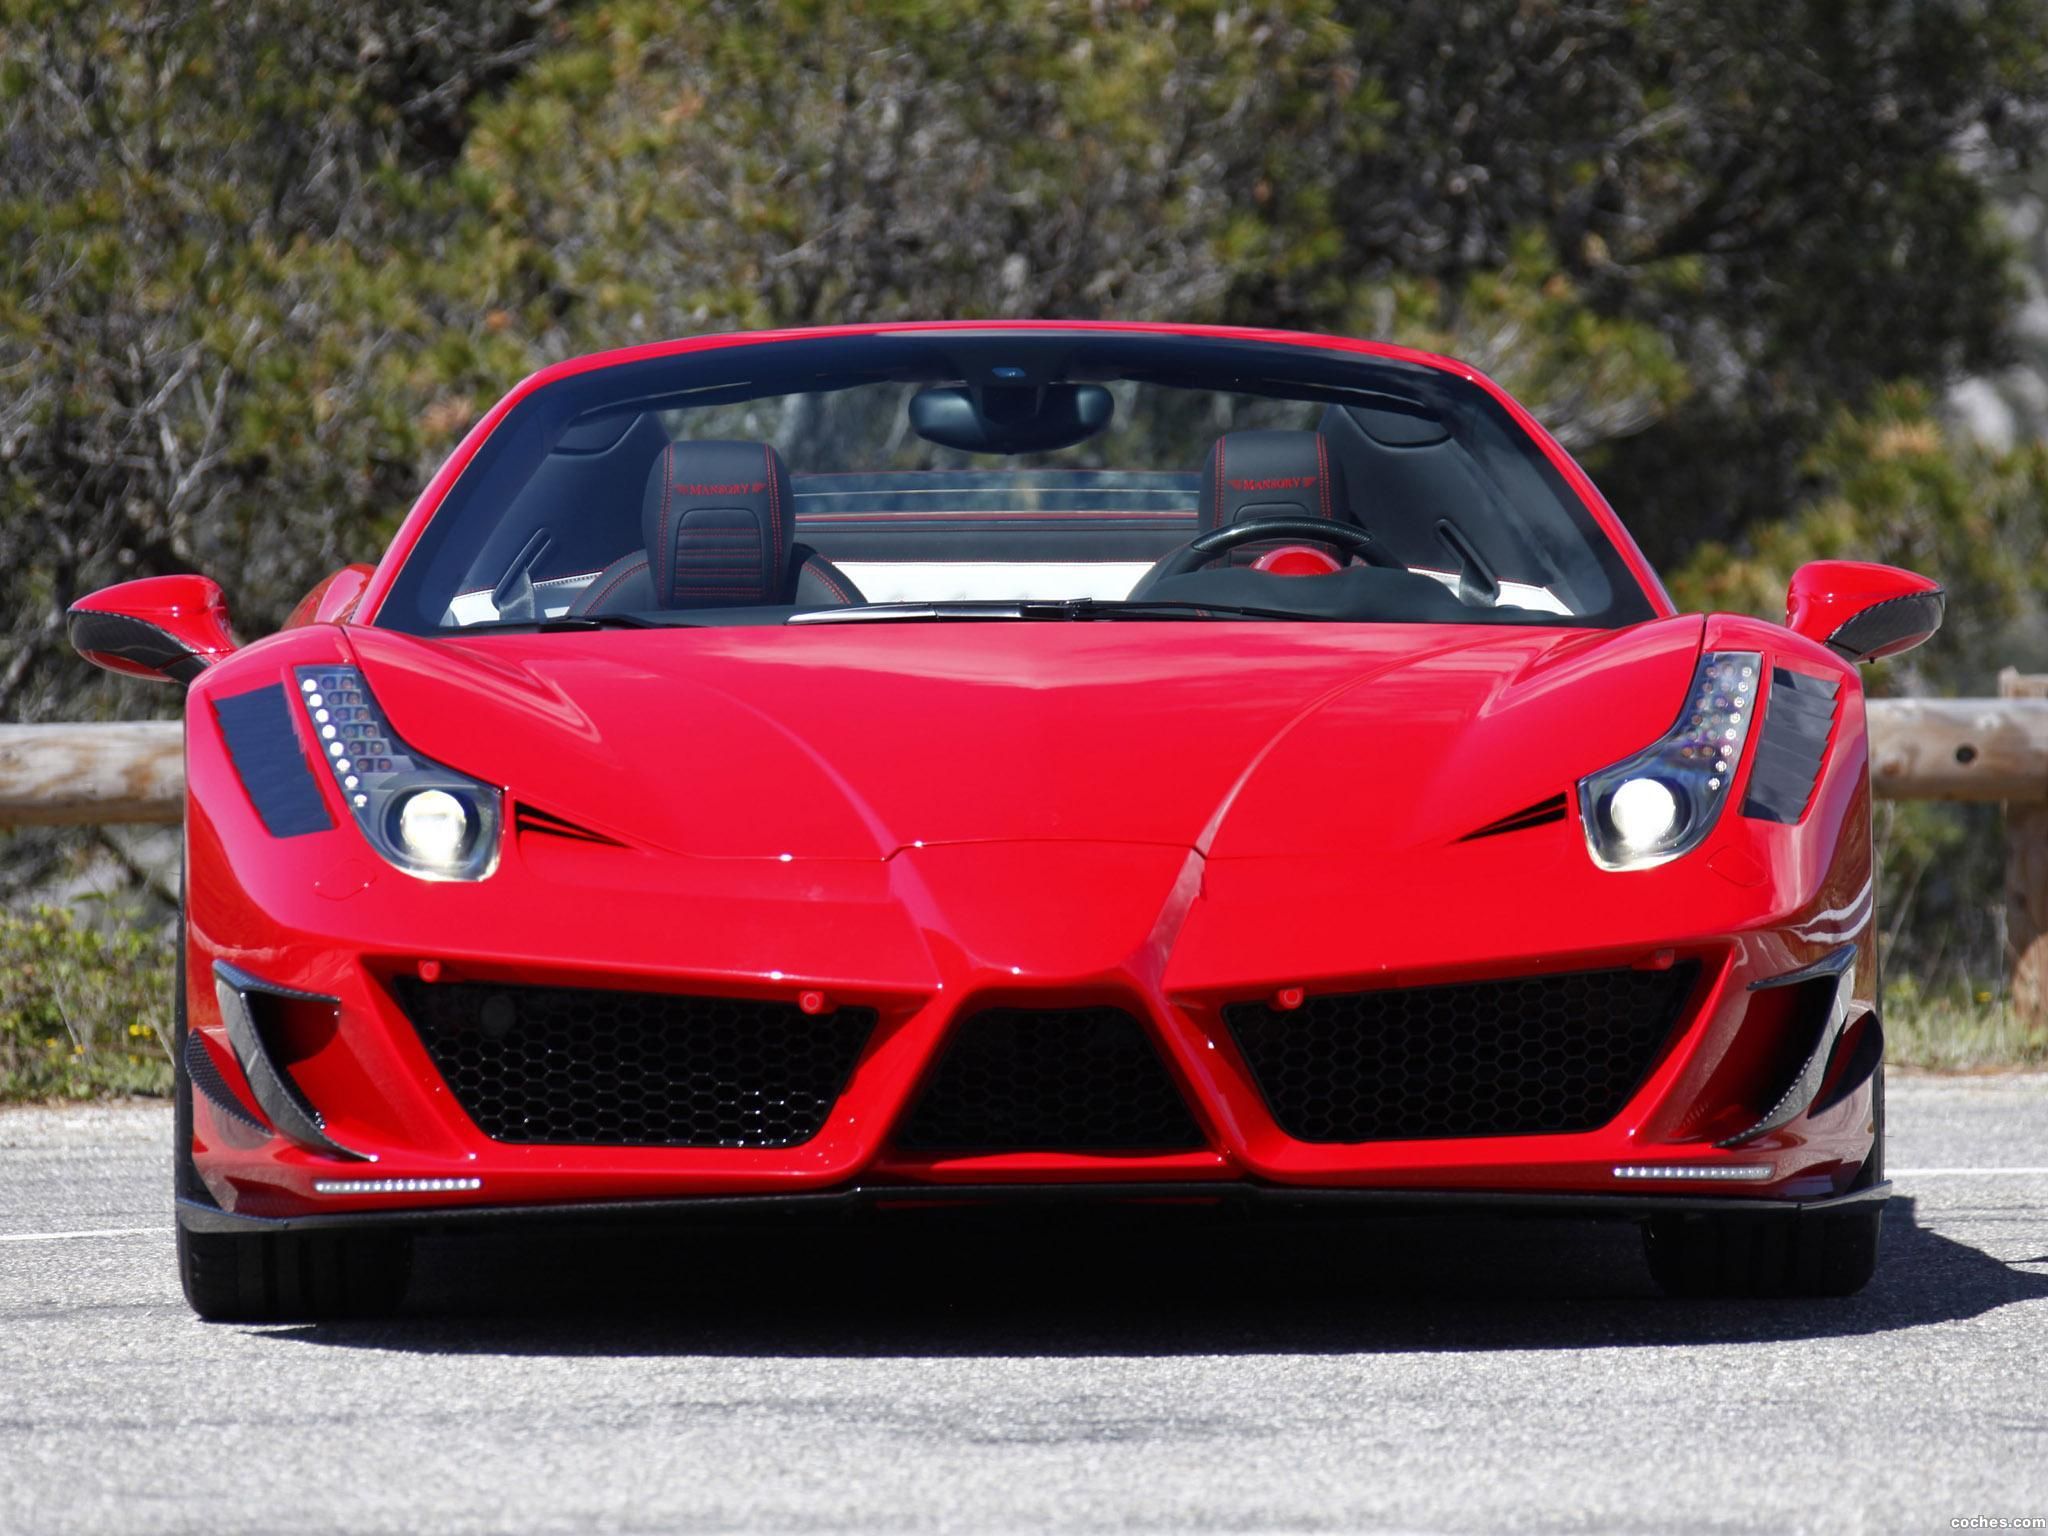 Foto 5 de Mansory Ferrari 458 Spider Monaco Edition 2012